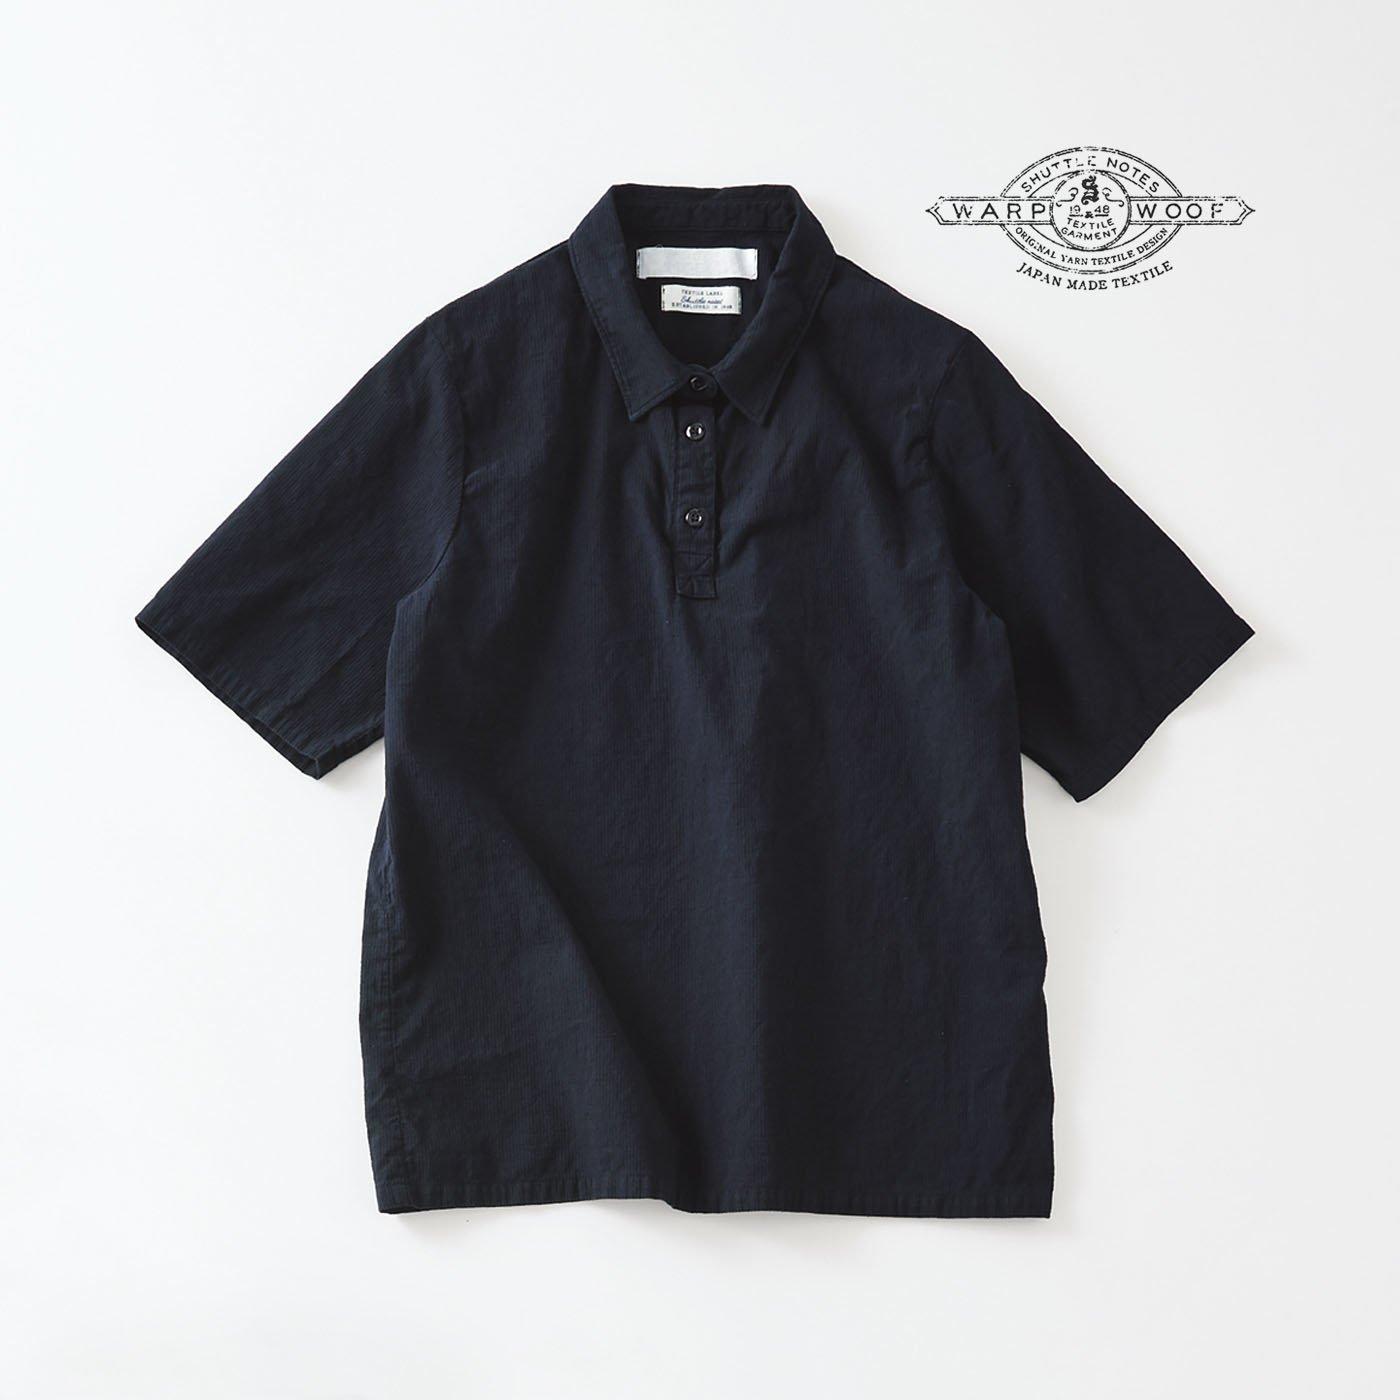 サニークラウズ feat. Shuttle Notes ポロシャツ風シャツ〈レディース〉